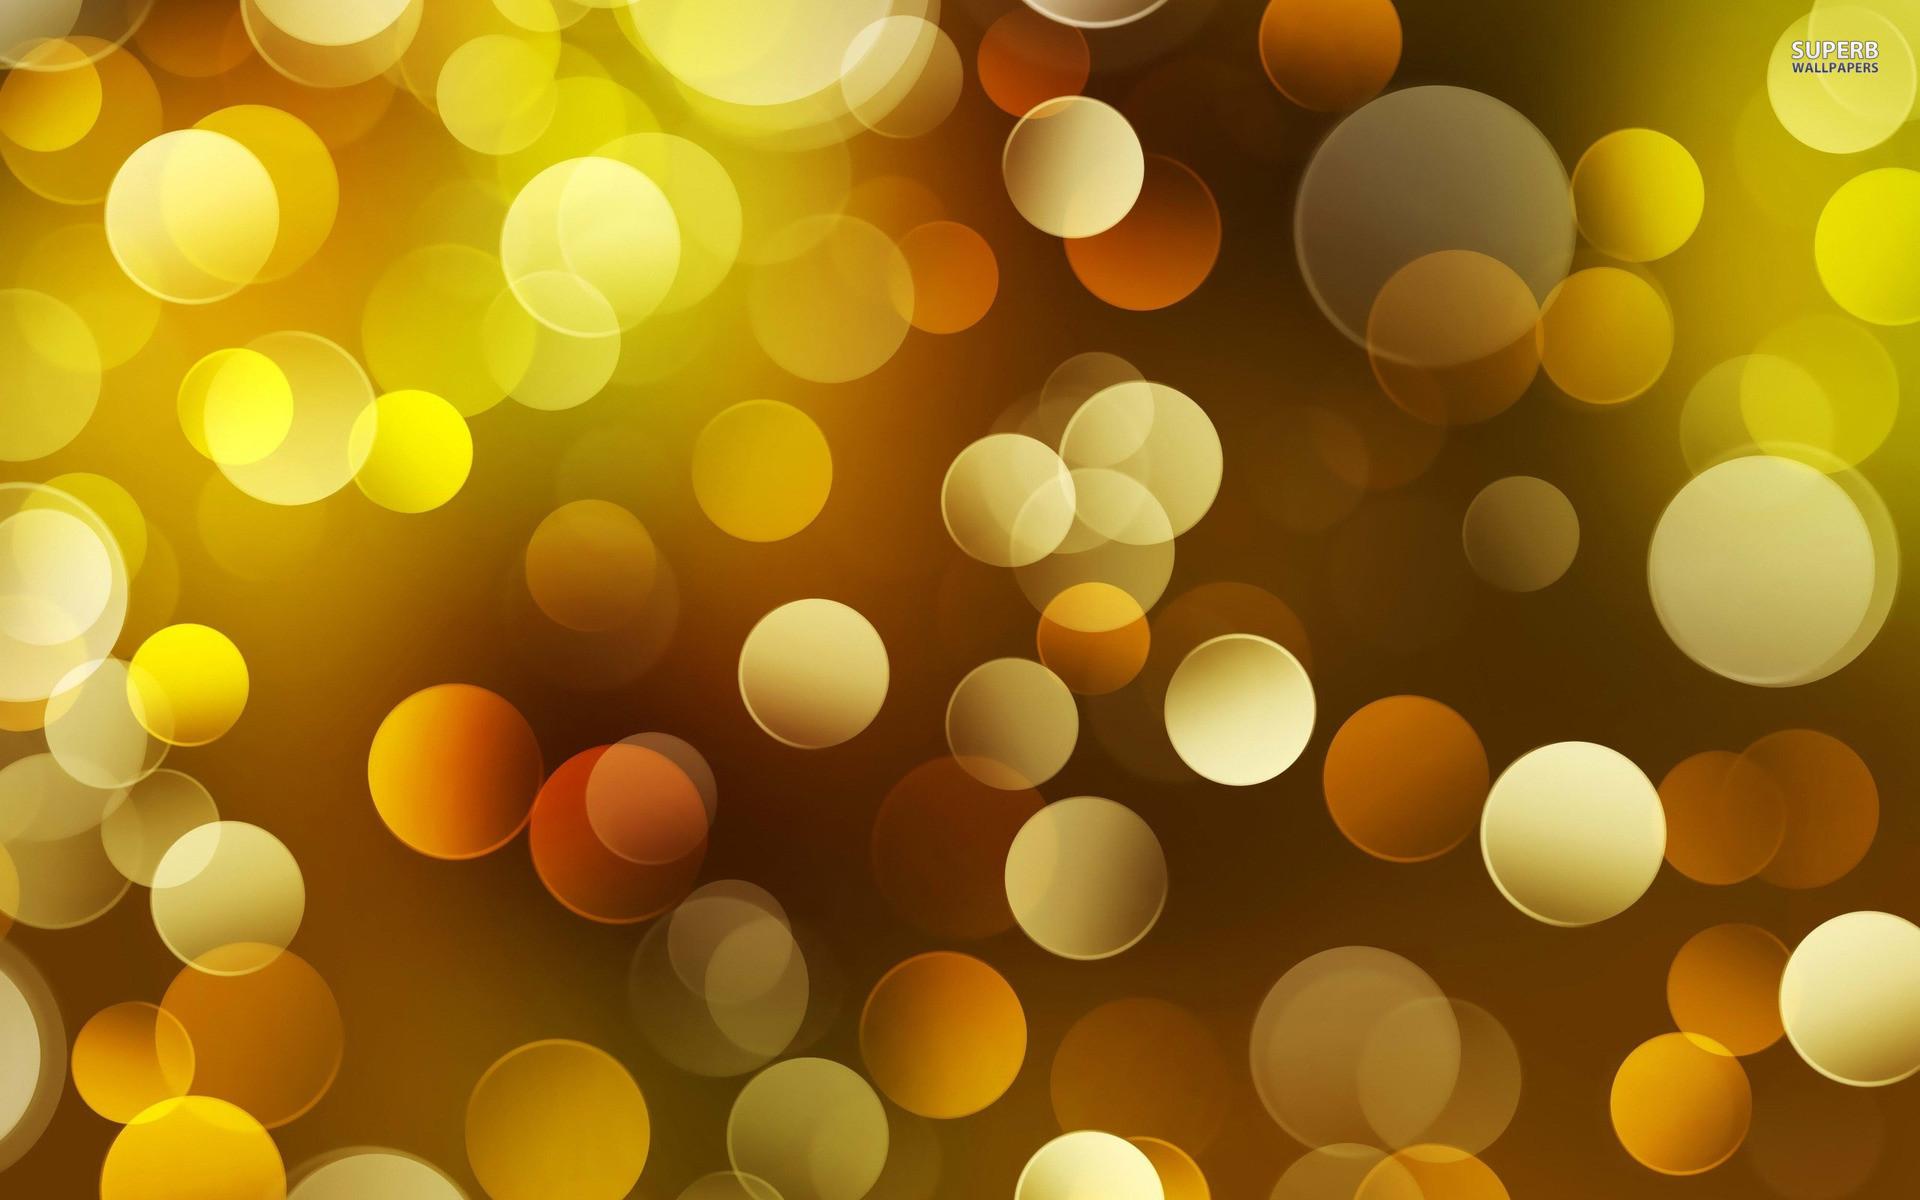 832 Cool Yellow Bokeh Wallpaper